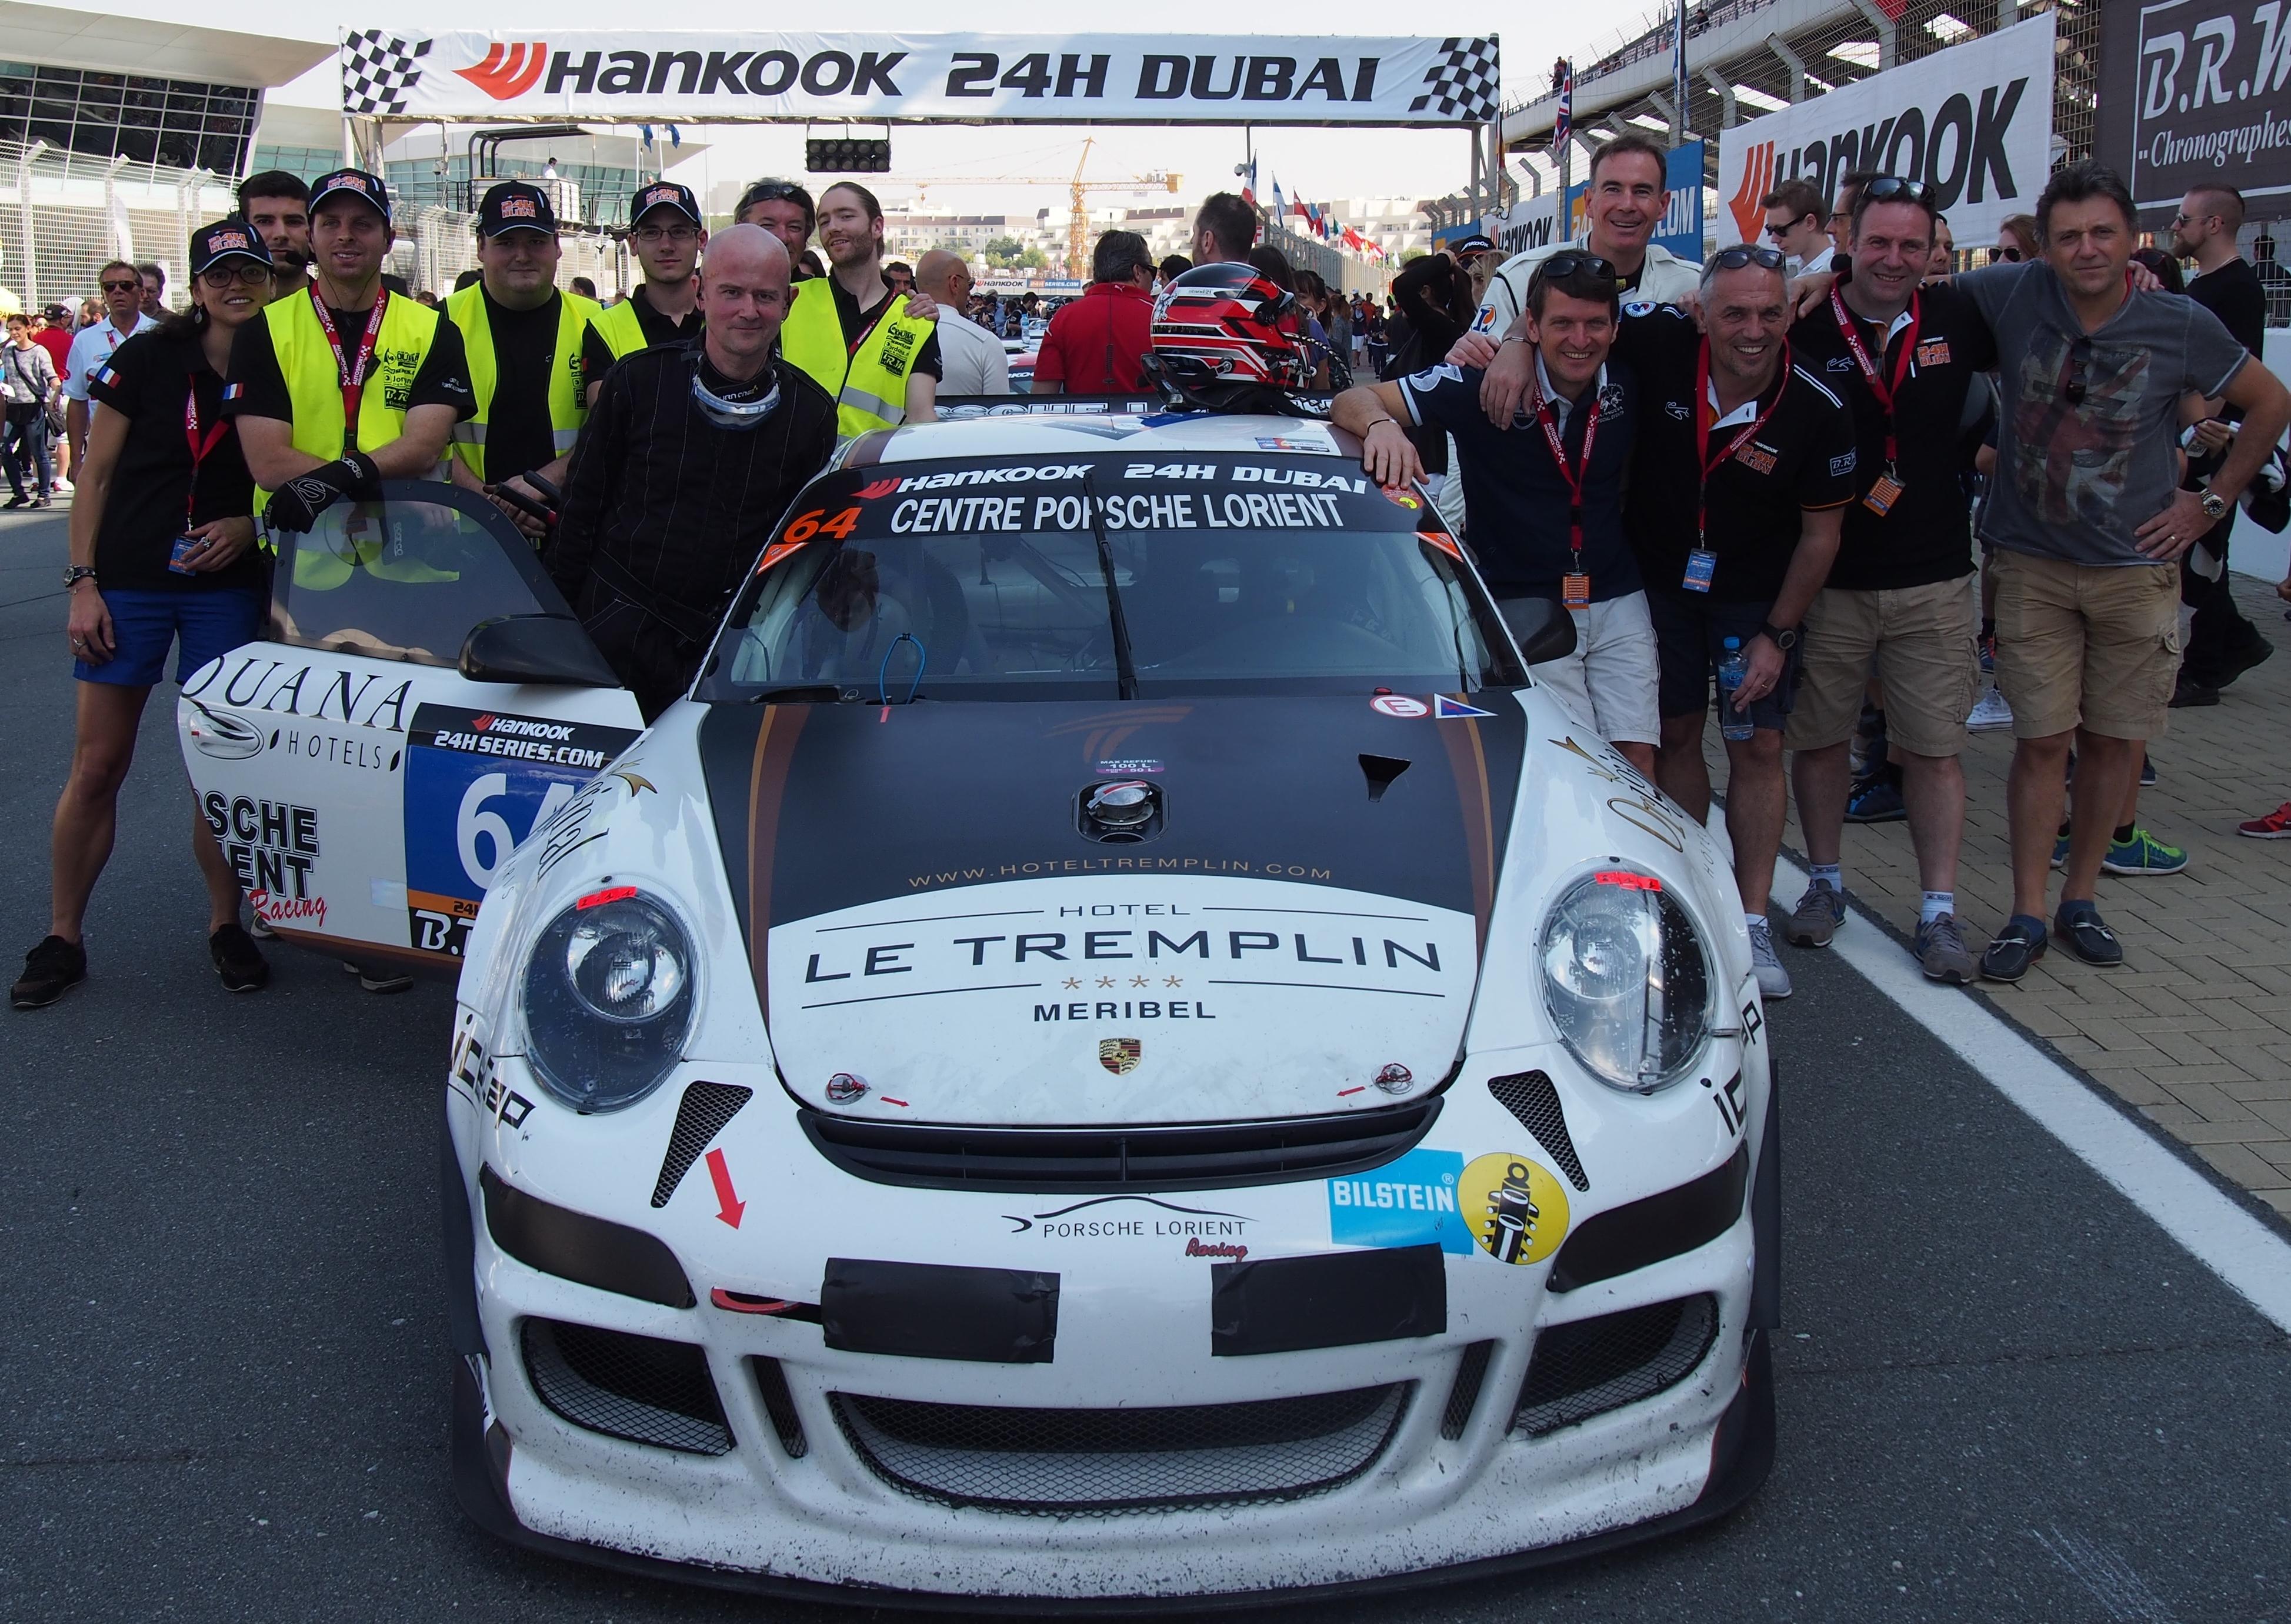 L'équipe technique et l'équipage autour de la Porsche 997 GT3 CUP S n°64 sur la grille de départ